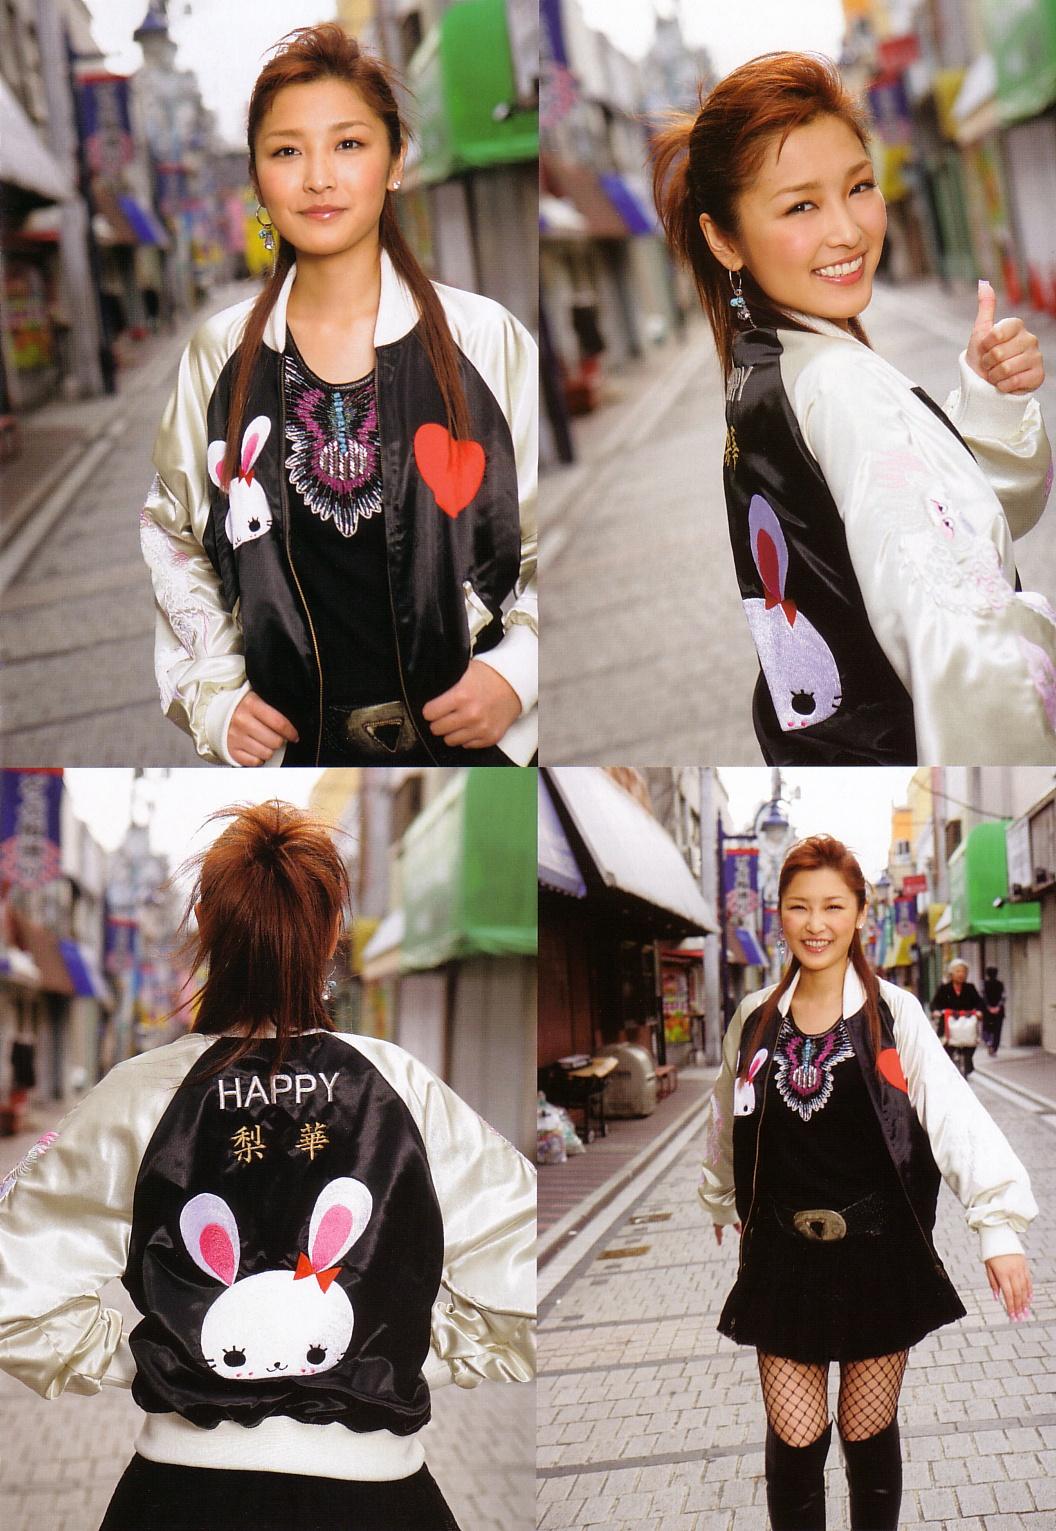 86725_Rika_Ishikawa_Happy010_122_876lo.jpg